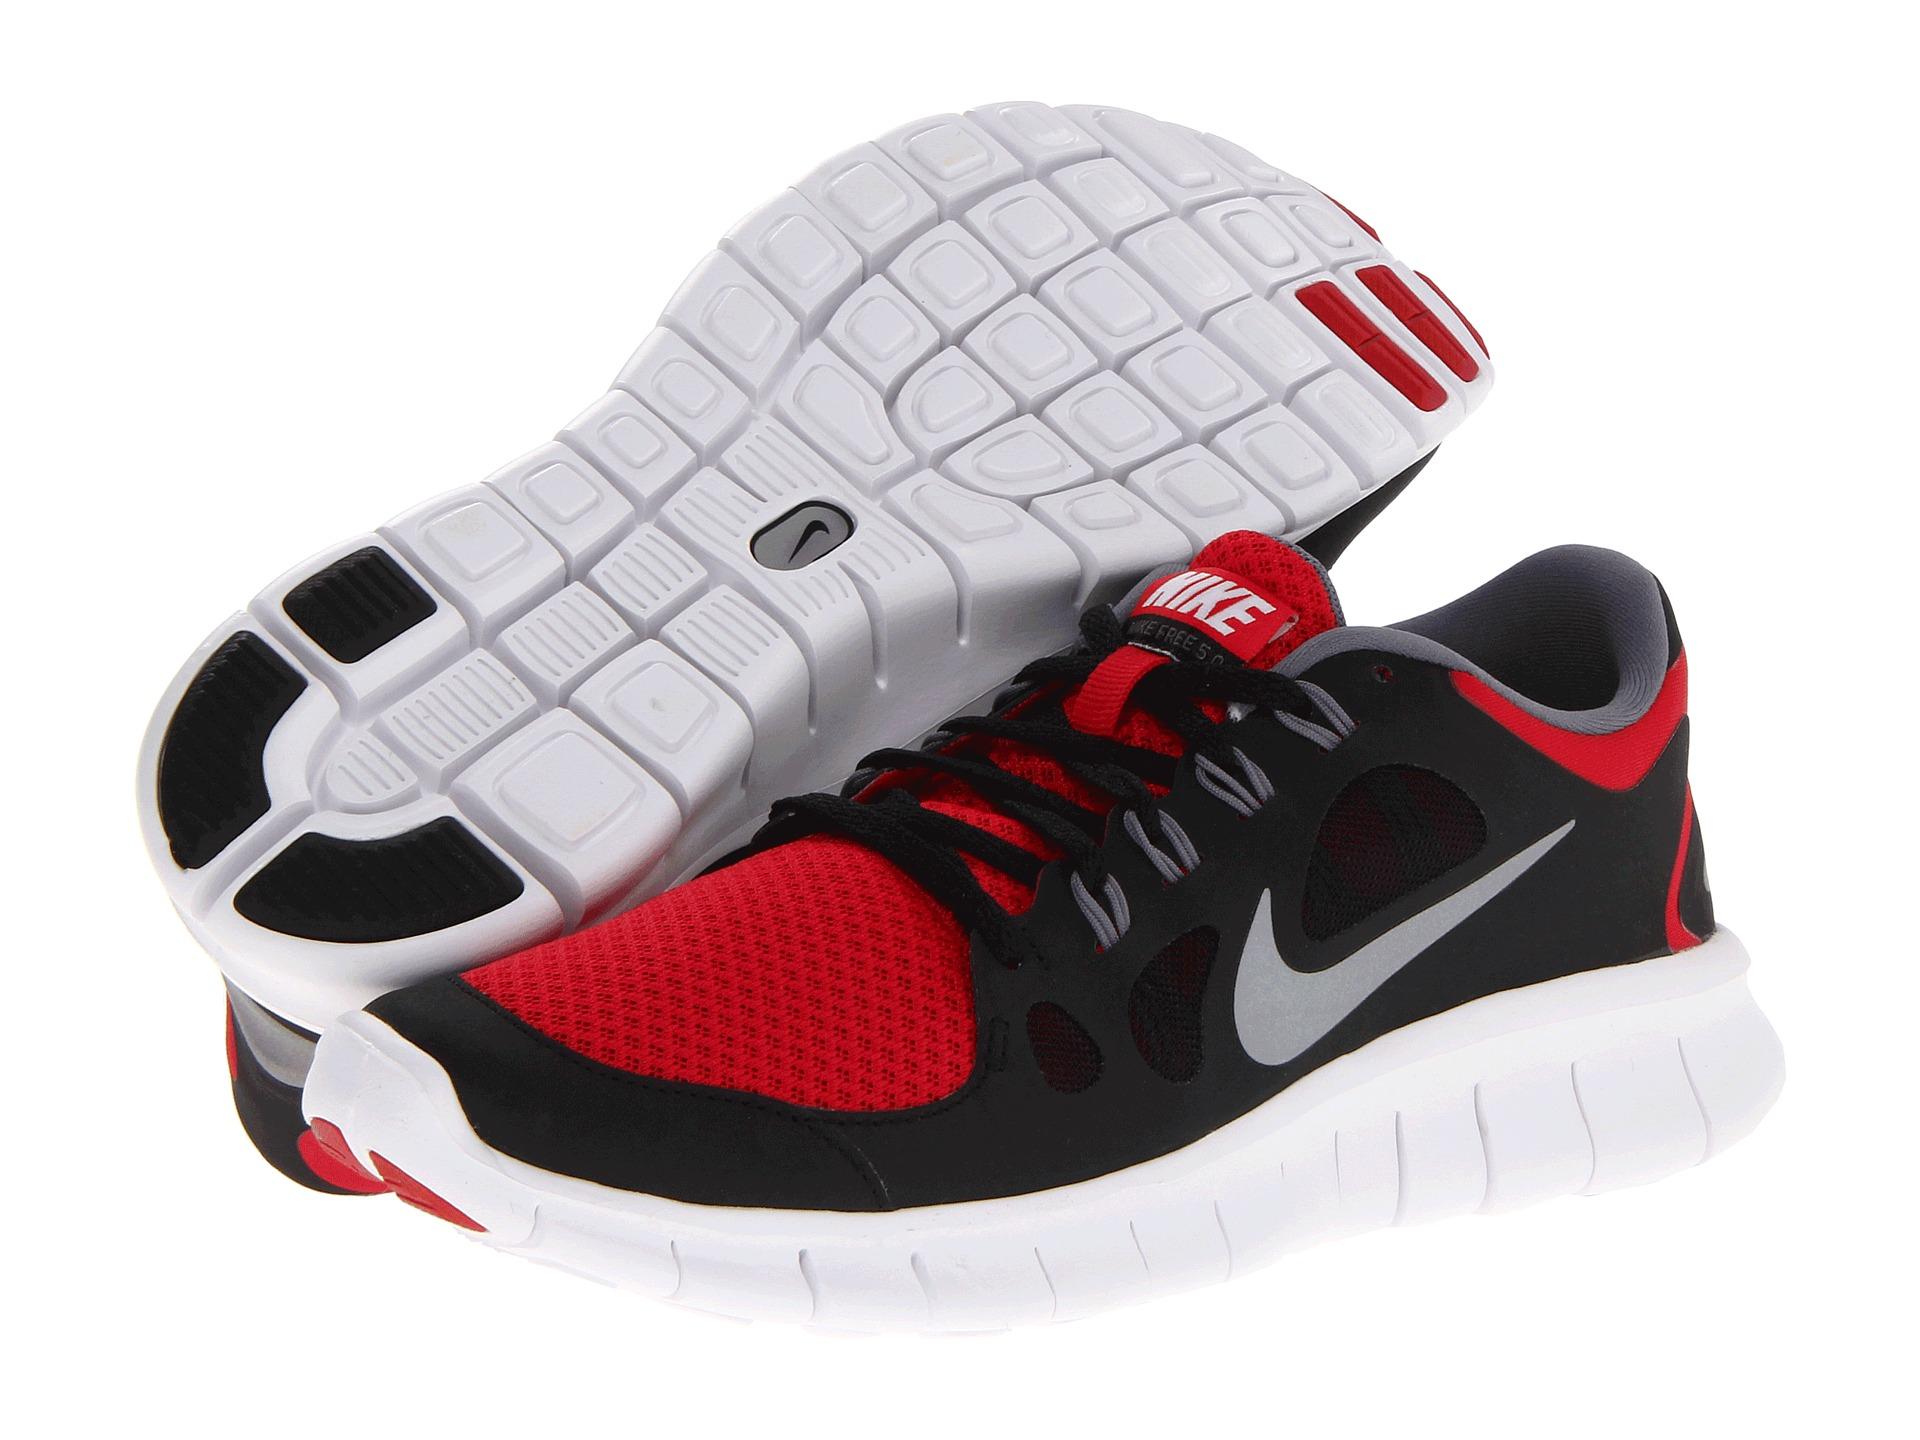 00f7404dea4 Nike Kids Free Run 5 0 Big Kid Distance Red Black Cool Grey Metallic Silver